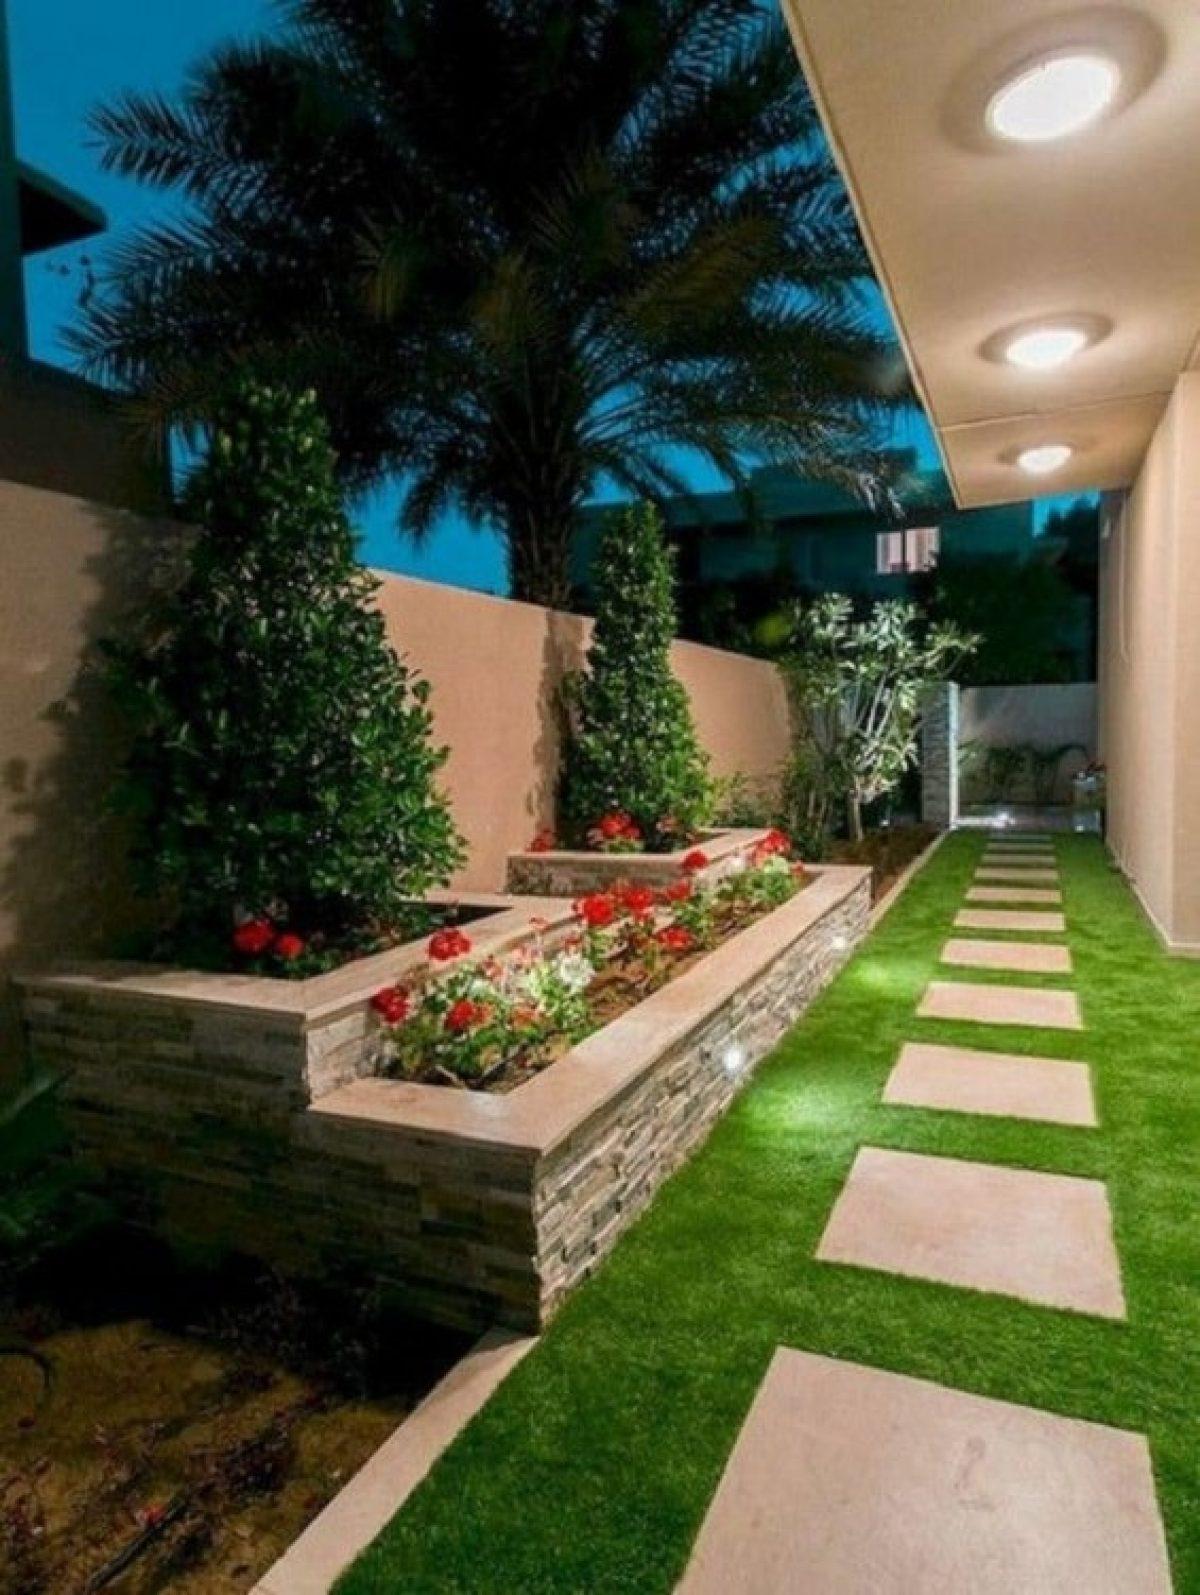 Gambar Desain Taman Samping Rumah